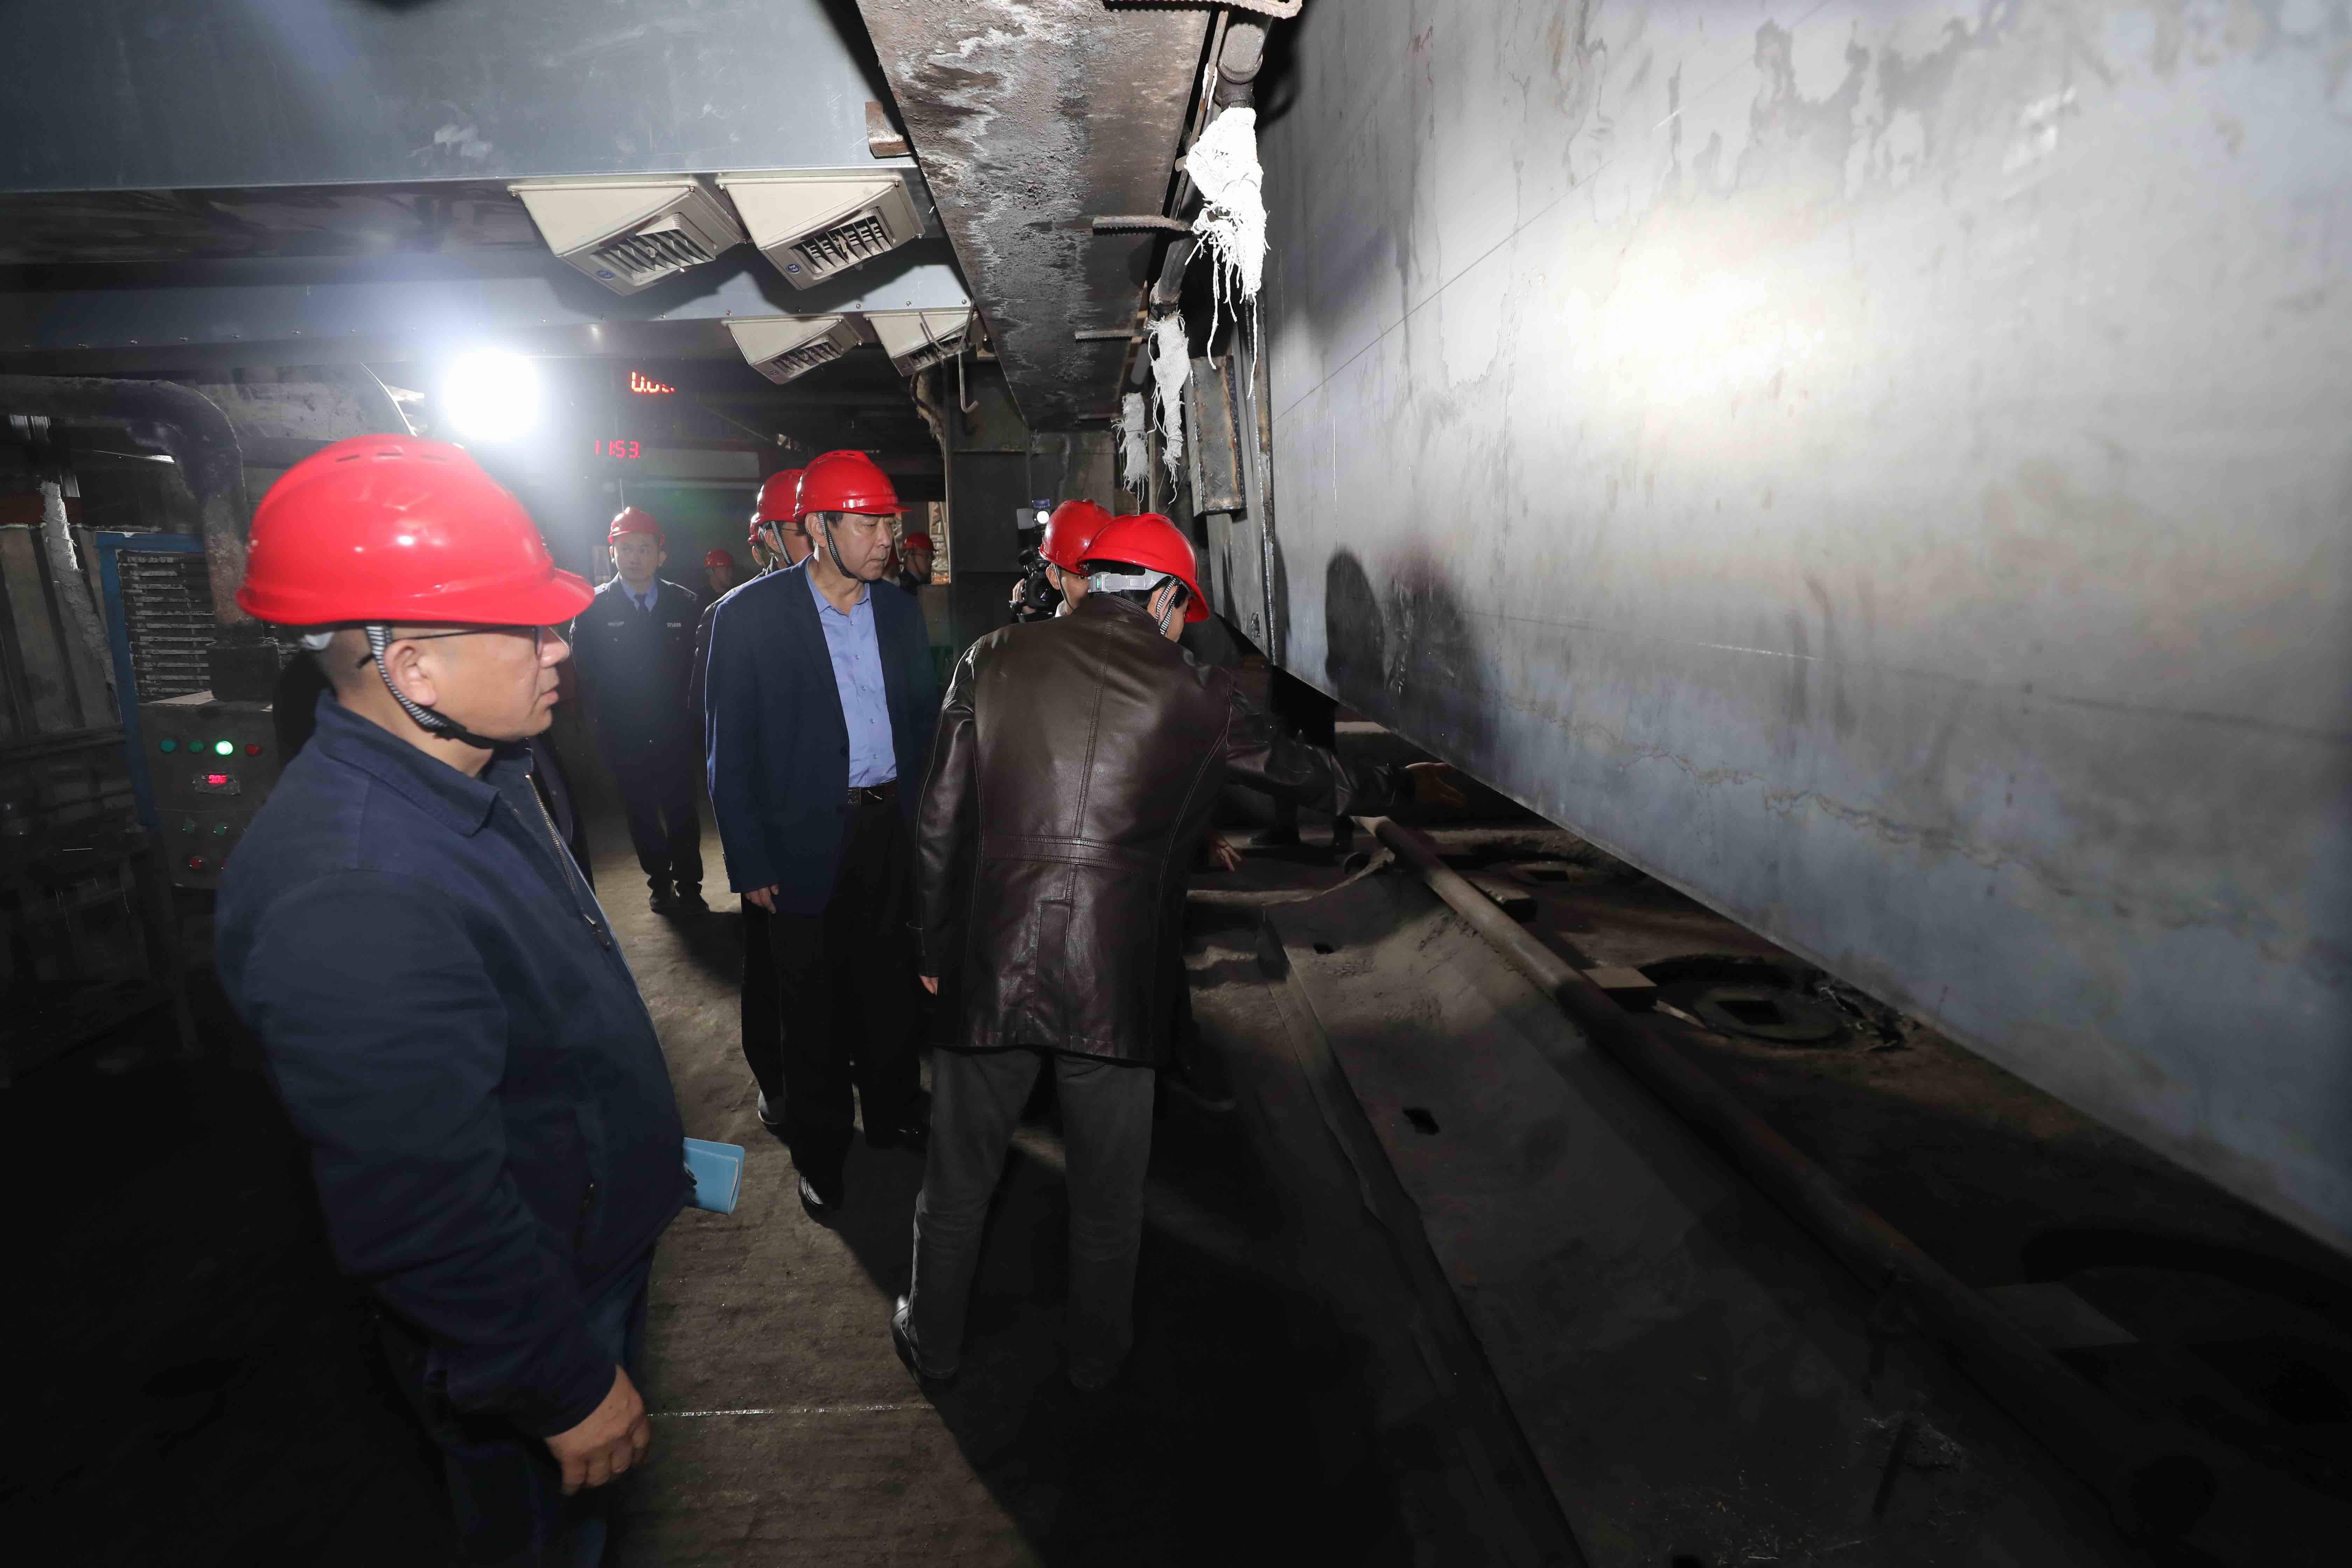 问政追踪 | 德州一冶金企业高温钢水溅出灼伤4人 涉事企业已全面停产开展自查